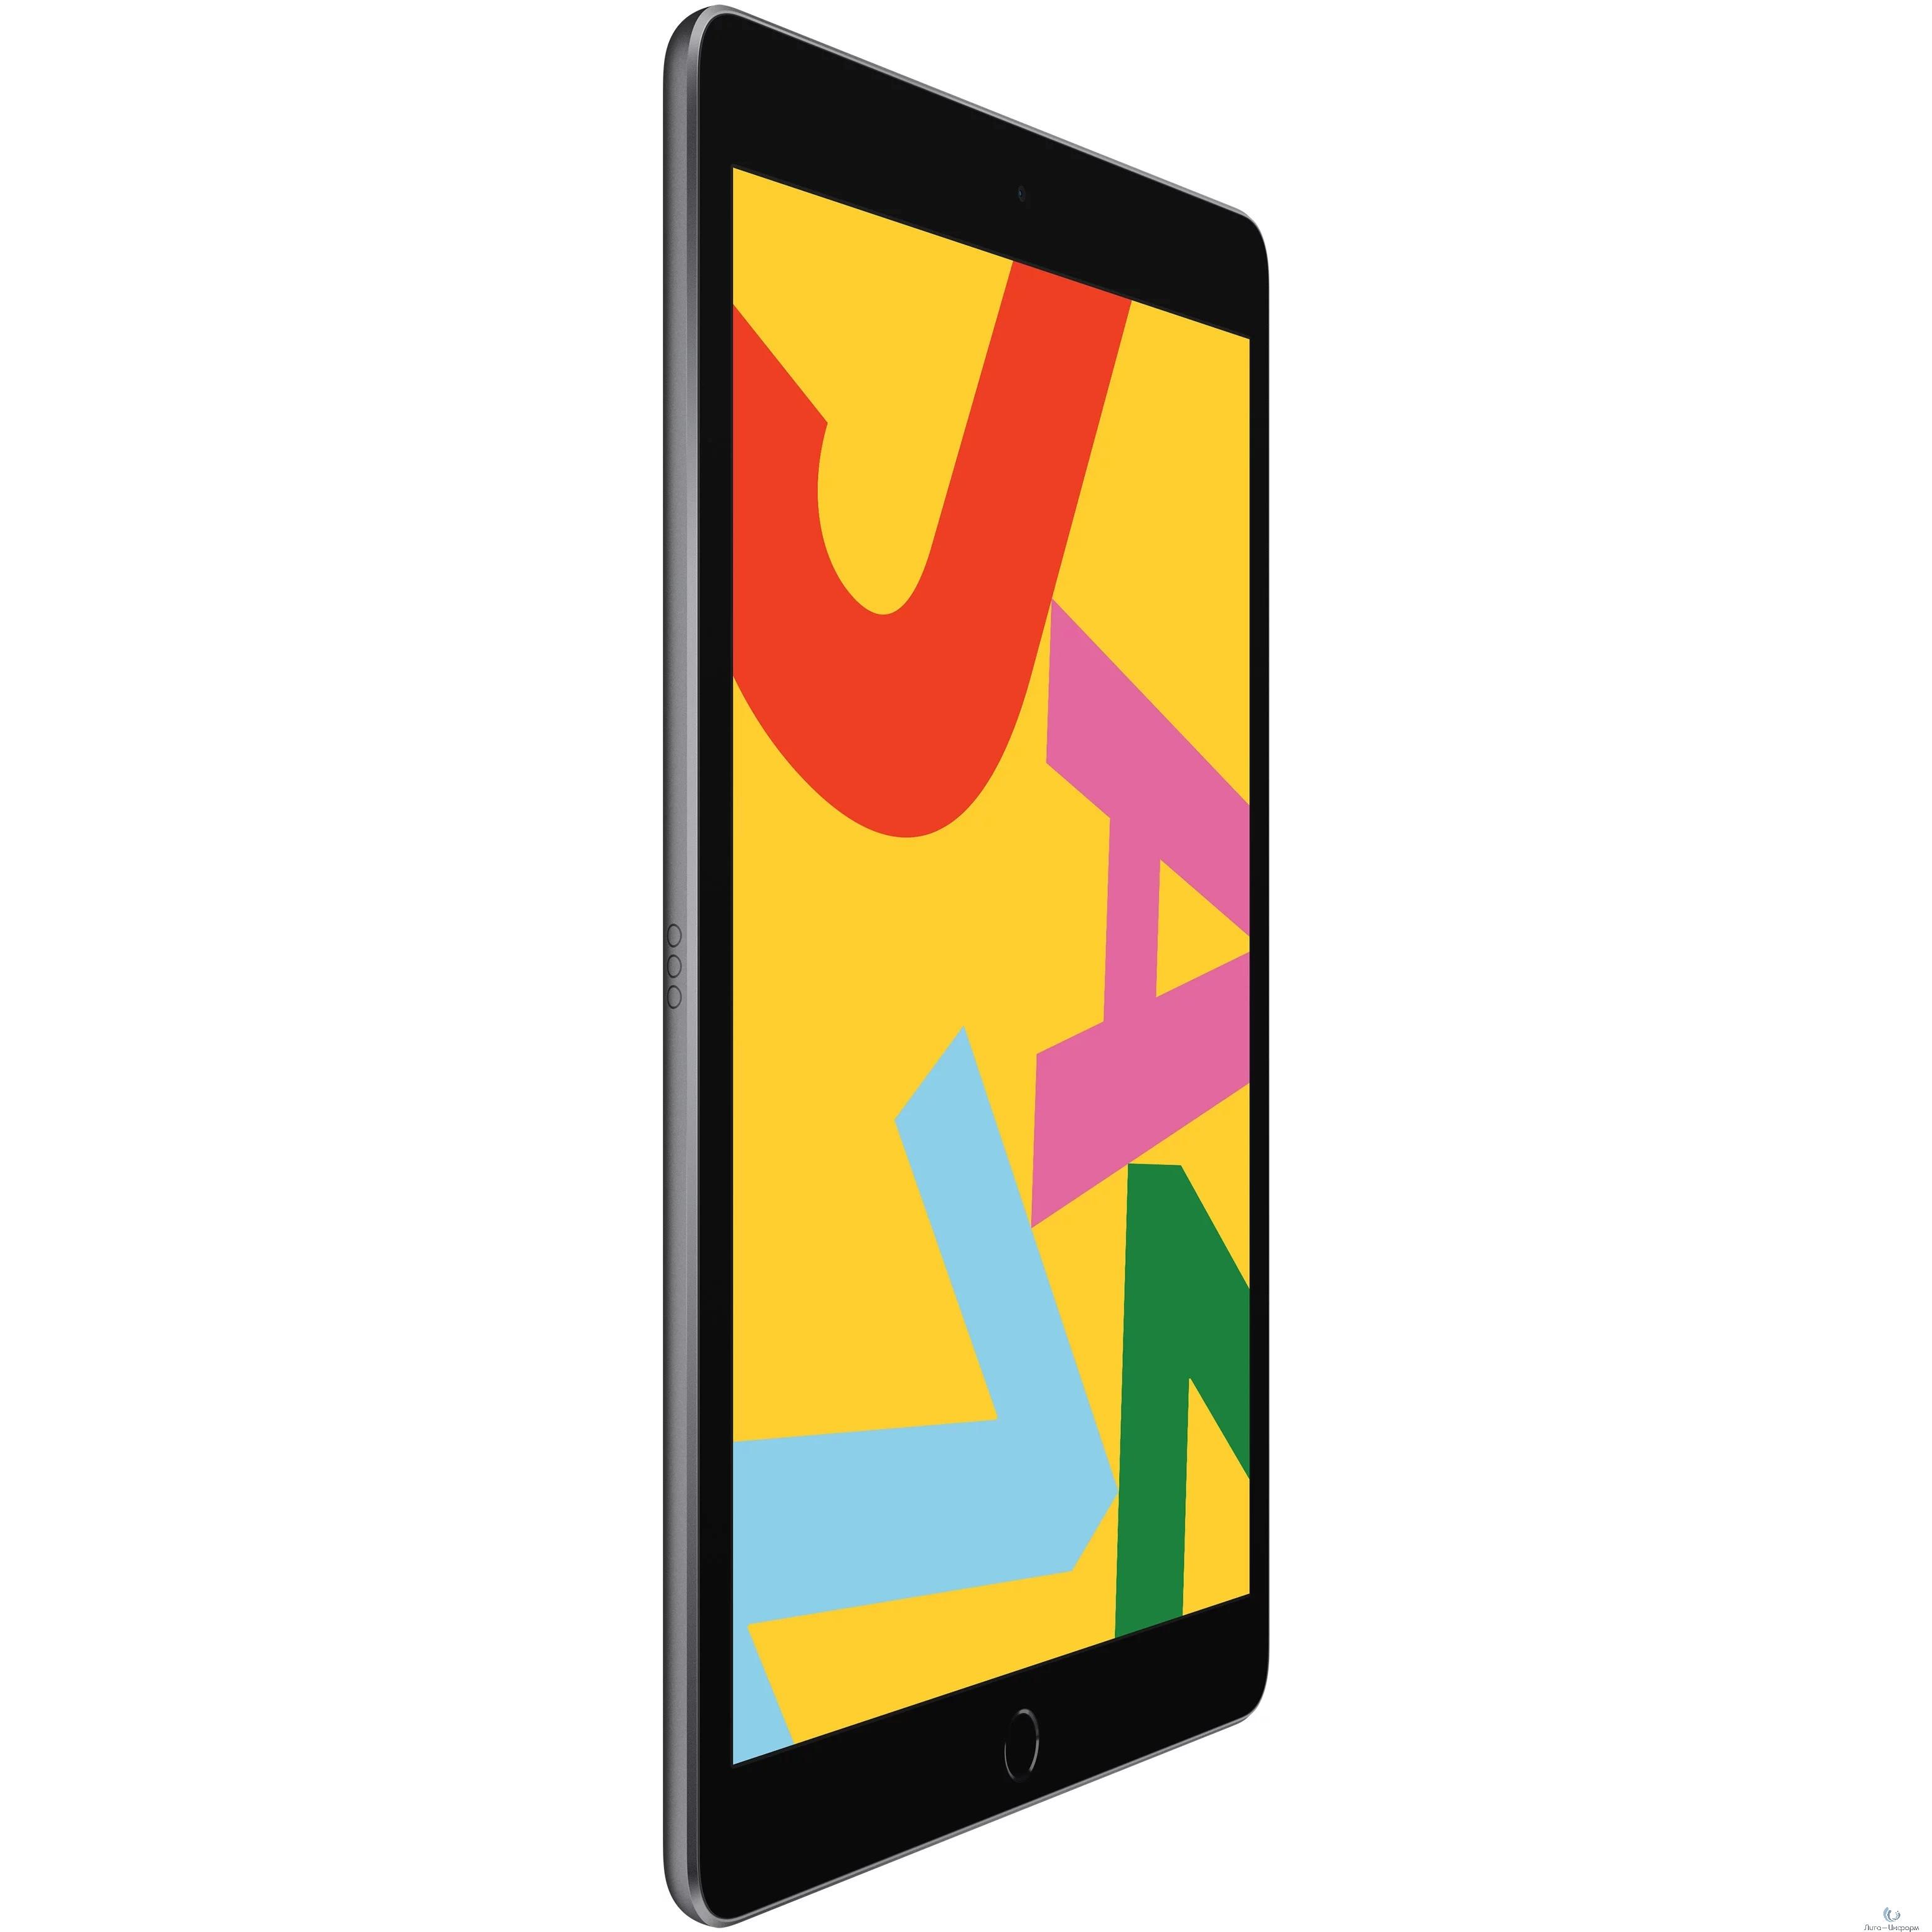 Apple iPad 10.2-inch Wi-Fi 32GB - Space Grey [MW742RU/A] (2019)